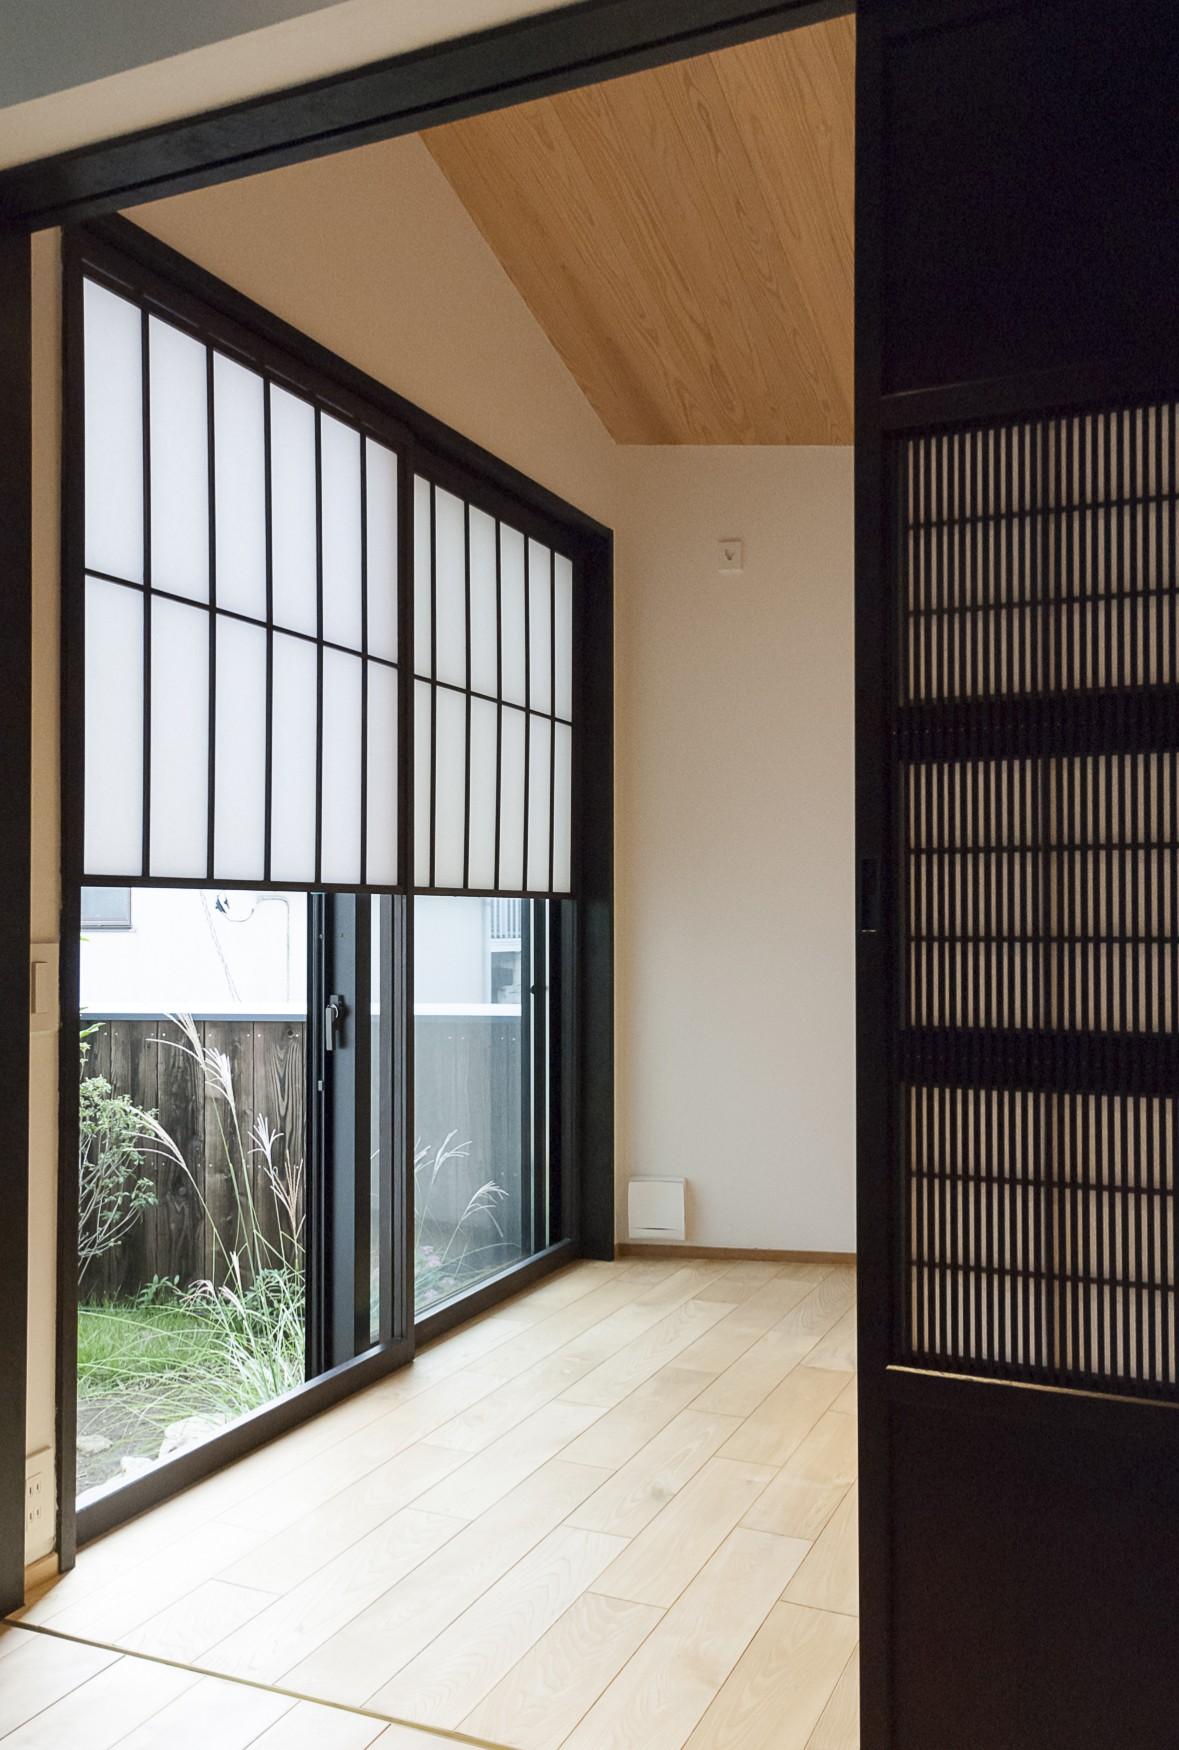 書斎事例:個室(アレルギー反応を持つ子供が住むための和モダン住宅/美しい空気の家)